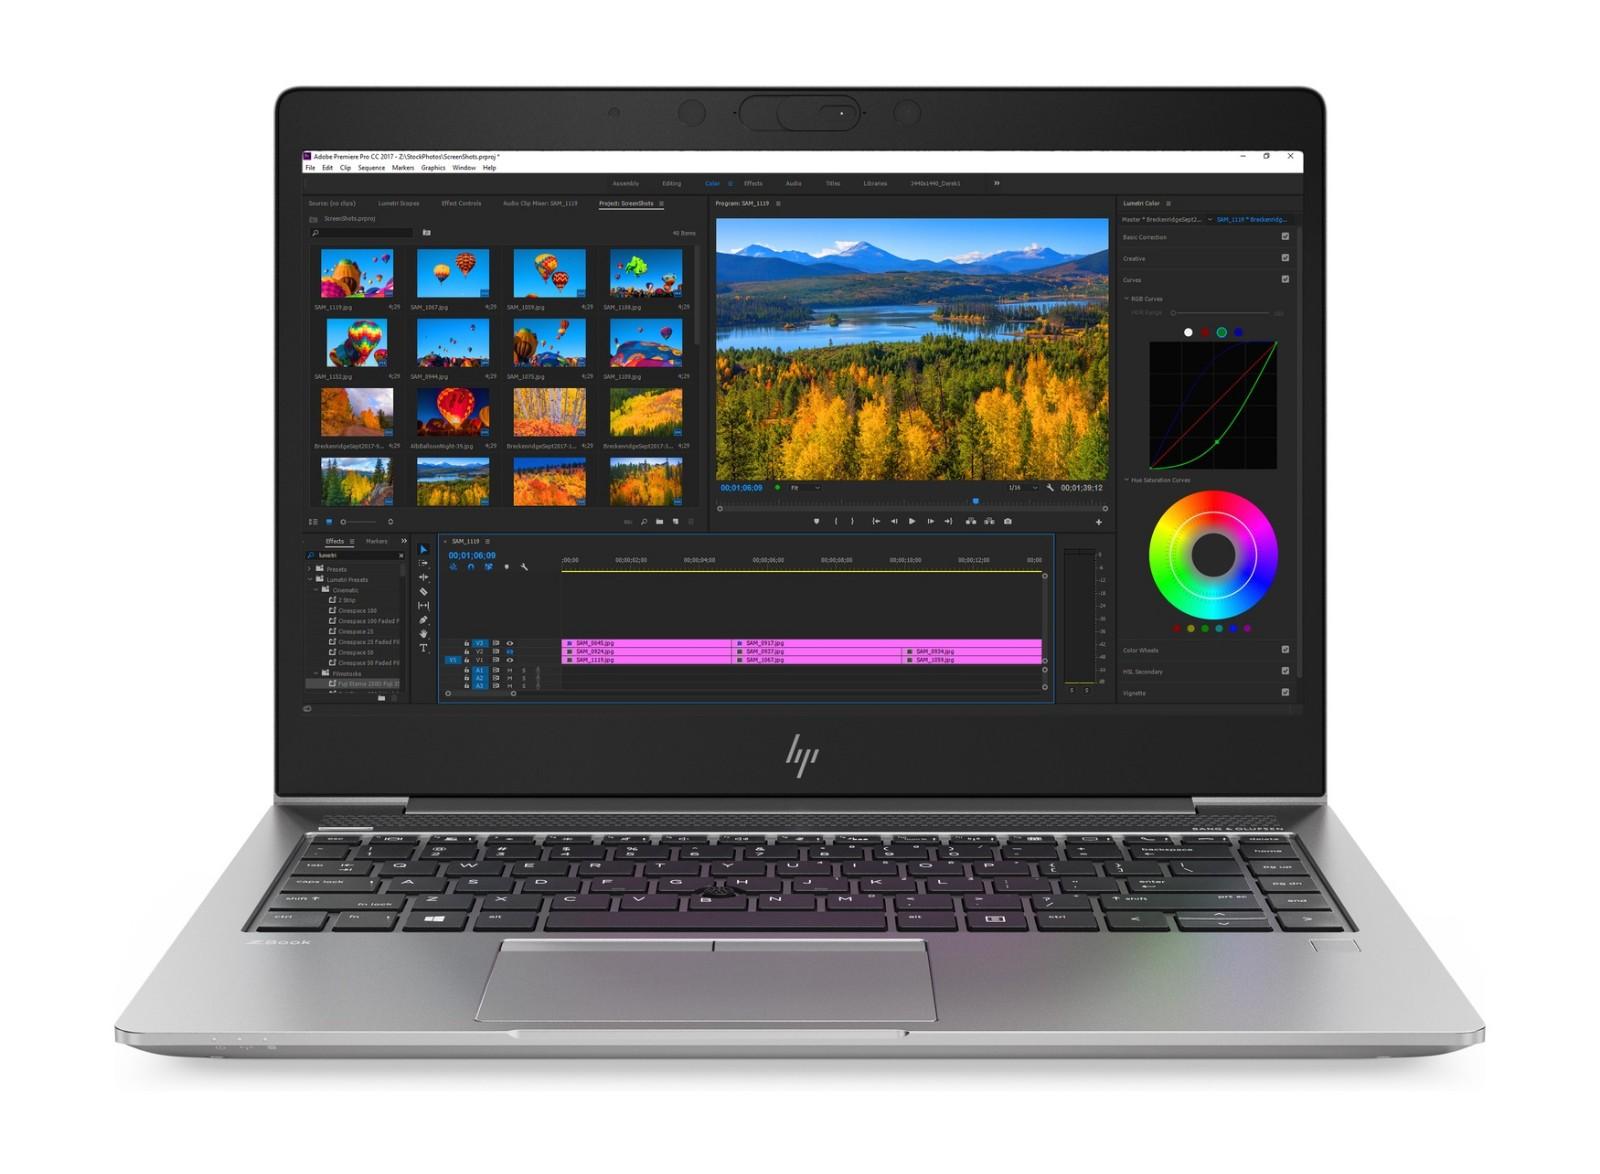 HP 惠普 ZBOOK 14uG5-3XG38PA 14英寸 笔记本 移动工作站(i7-8550U、8GB、256GB、WX3100 2GB)